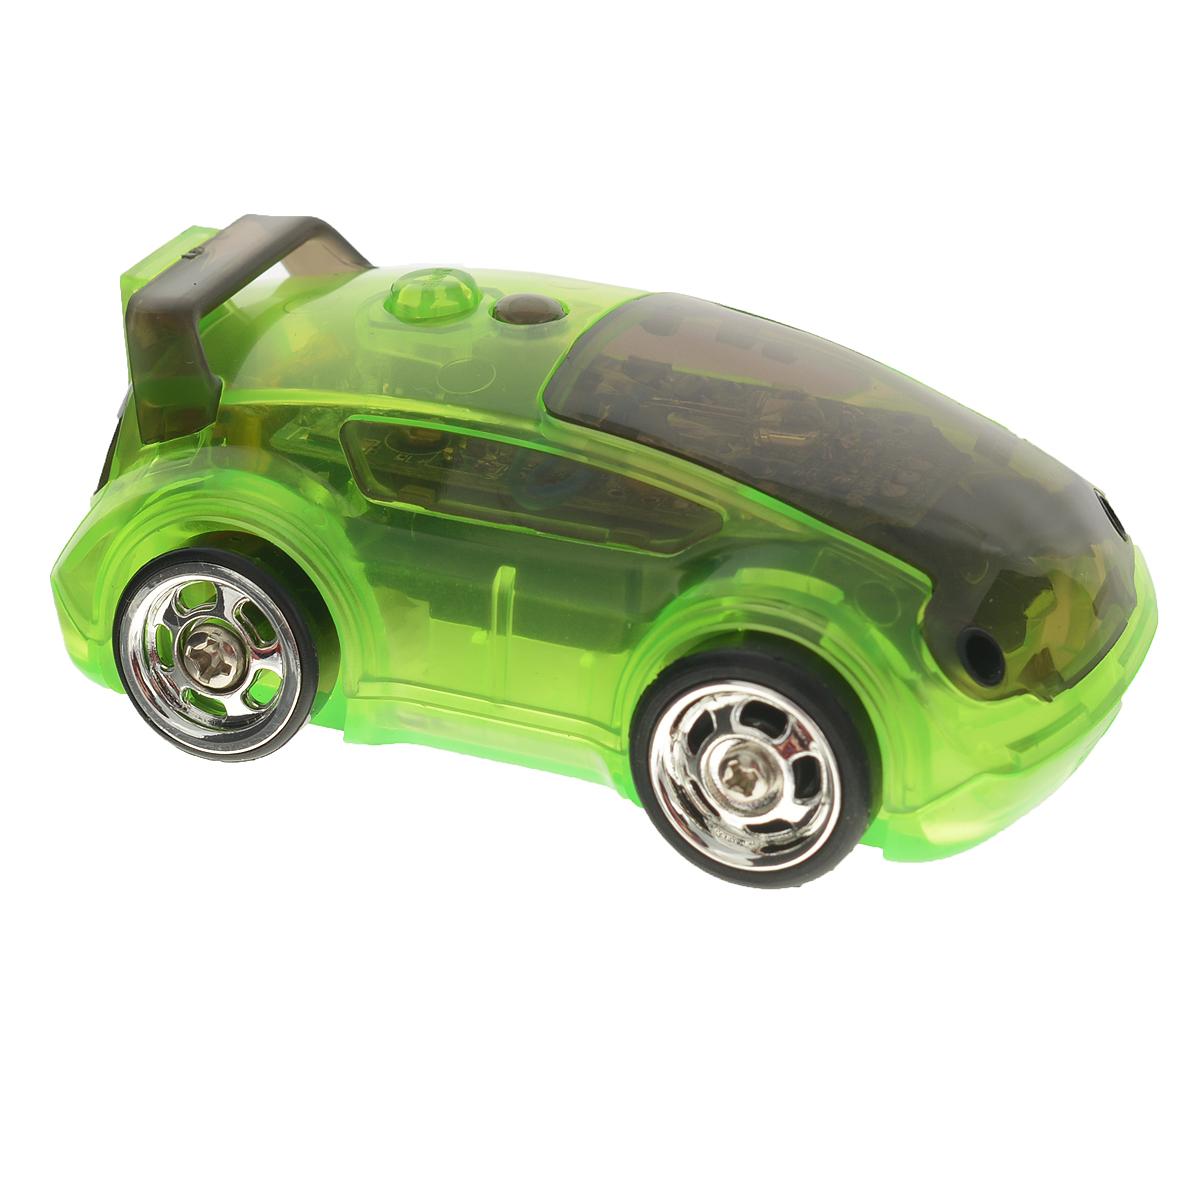 DeskPets Машина-микроробот на радиоуправлении Карбот цвет зеленый